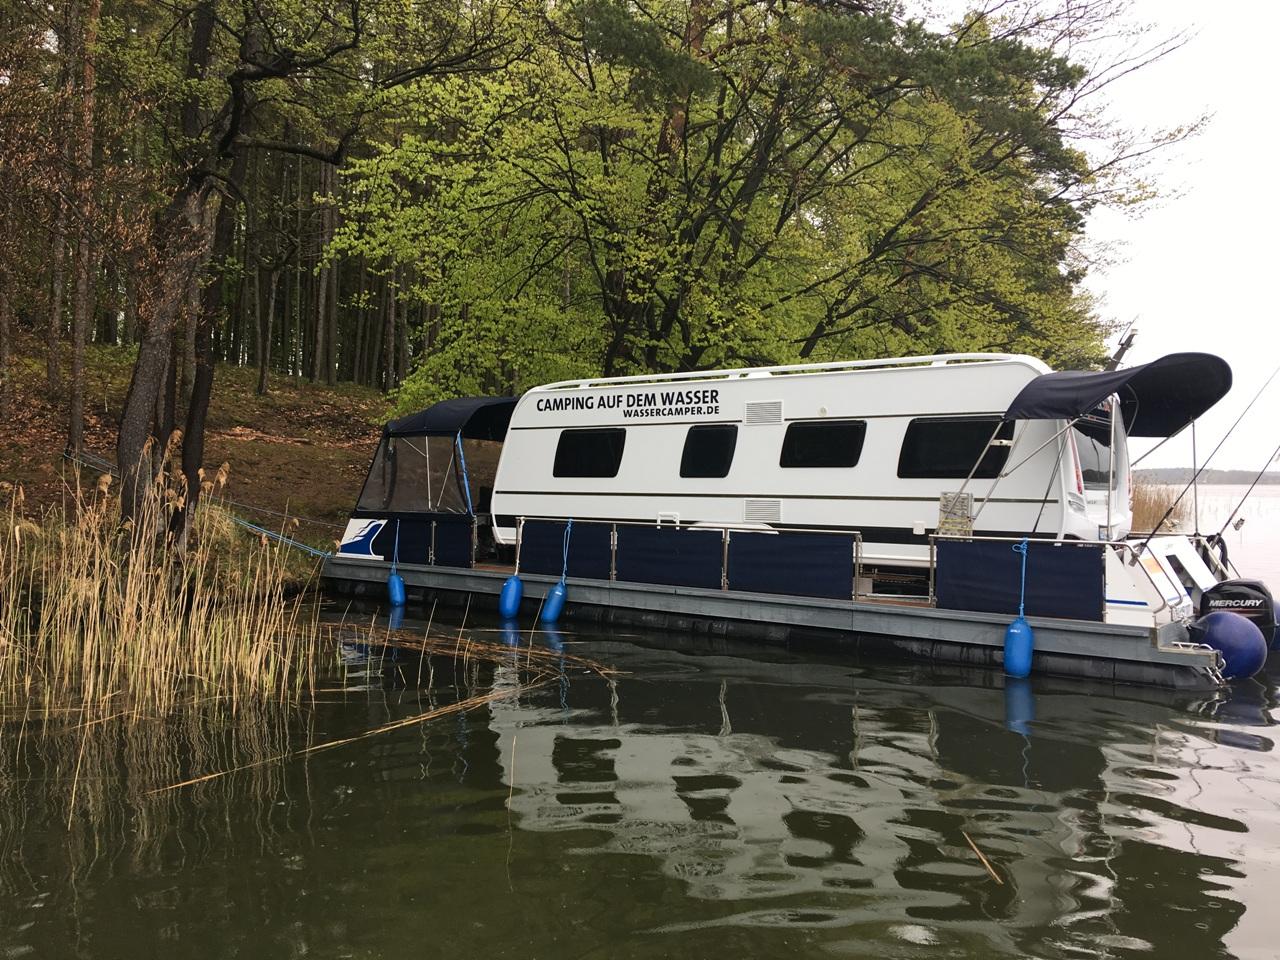 Camping auf dem Wasser